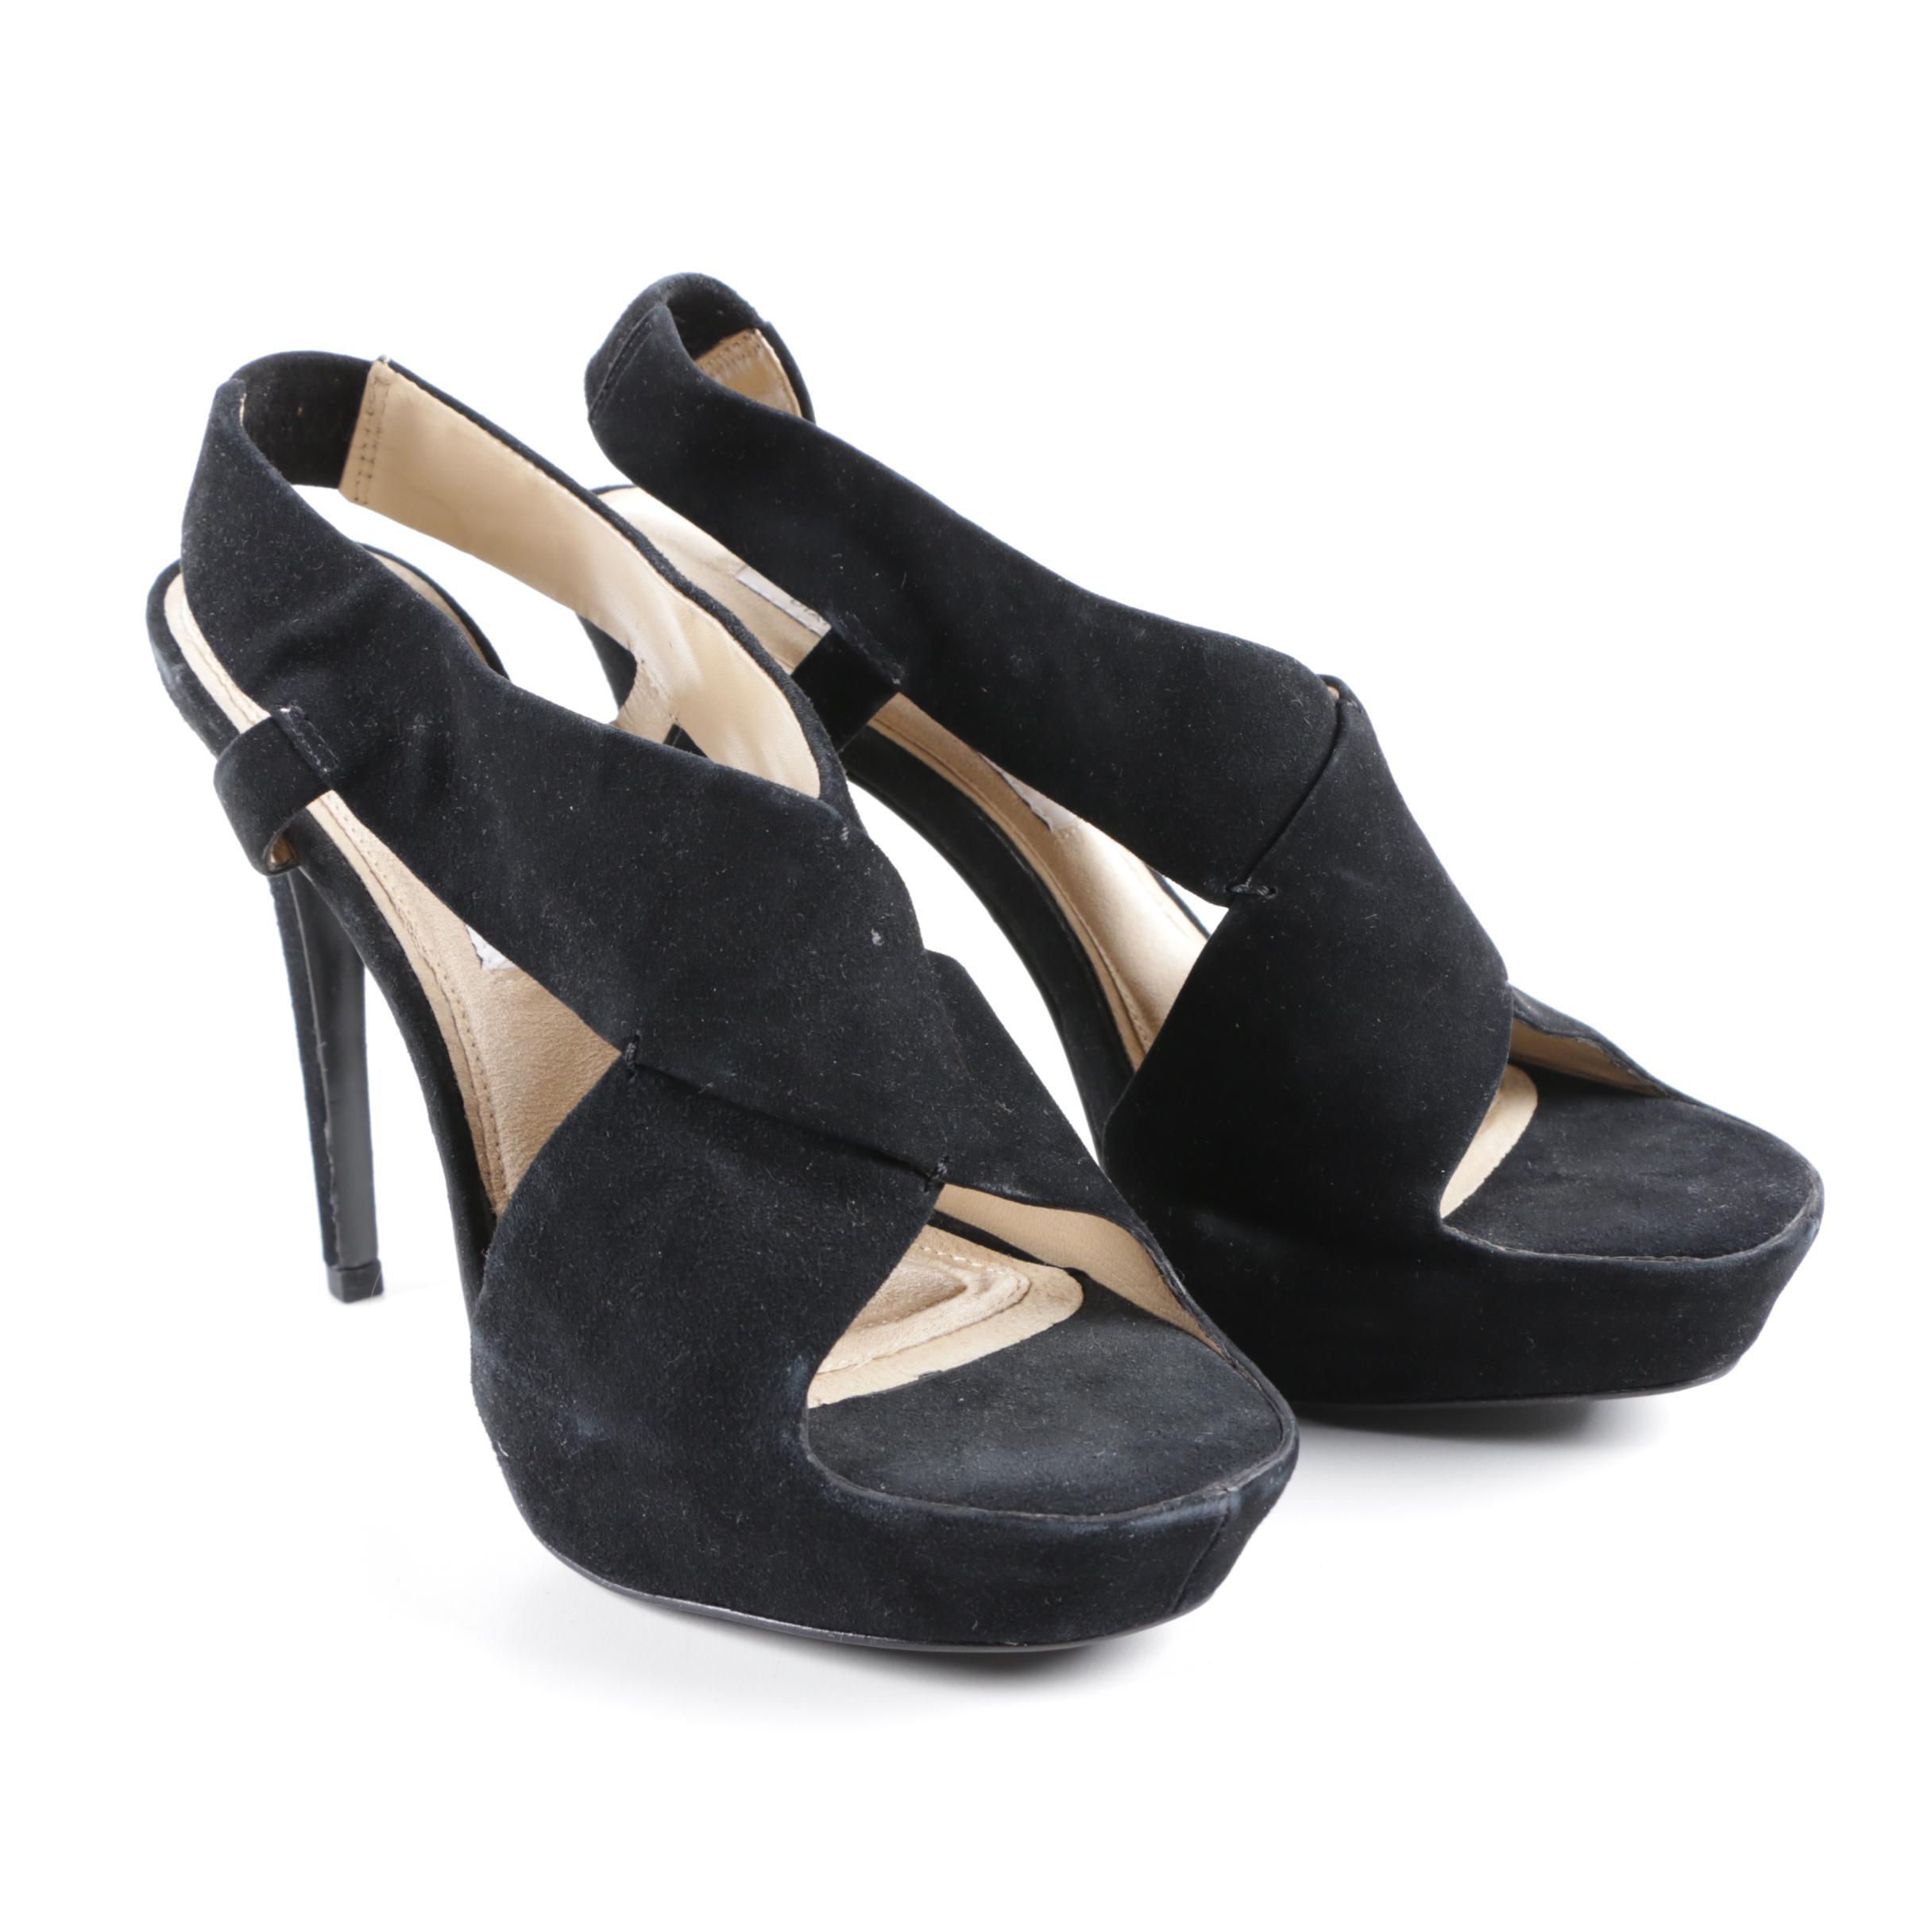 Diane Von Furstenberg Black Suede Platform Stiletto Heels